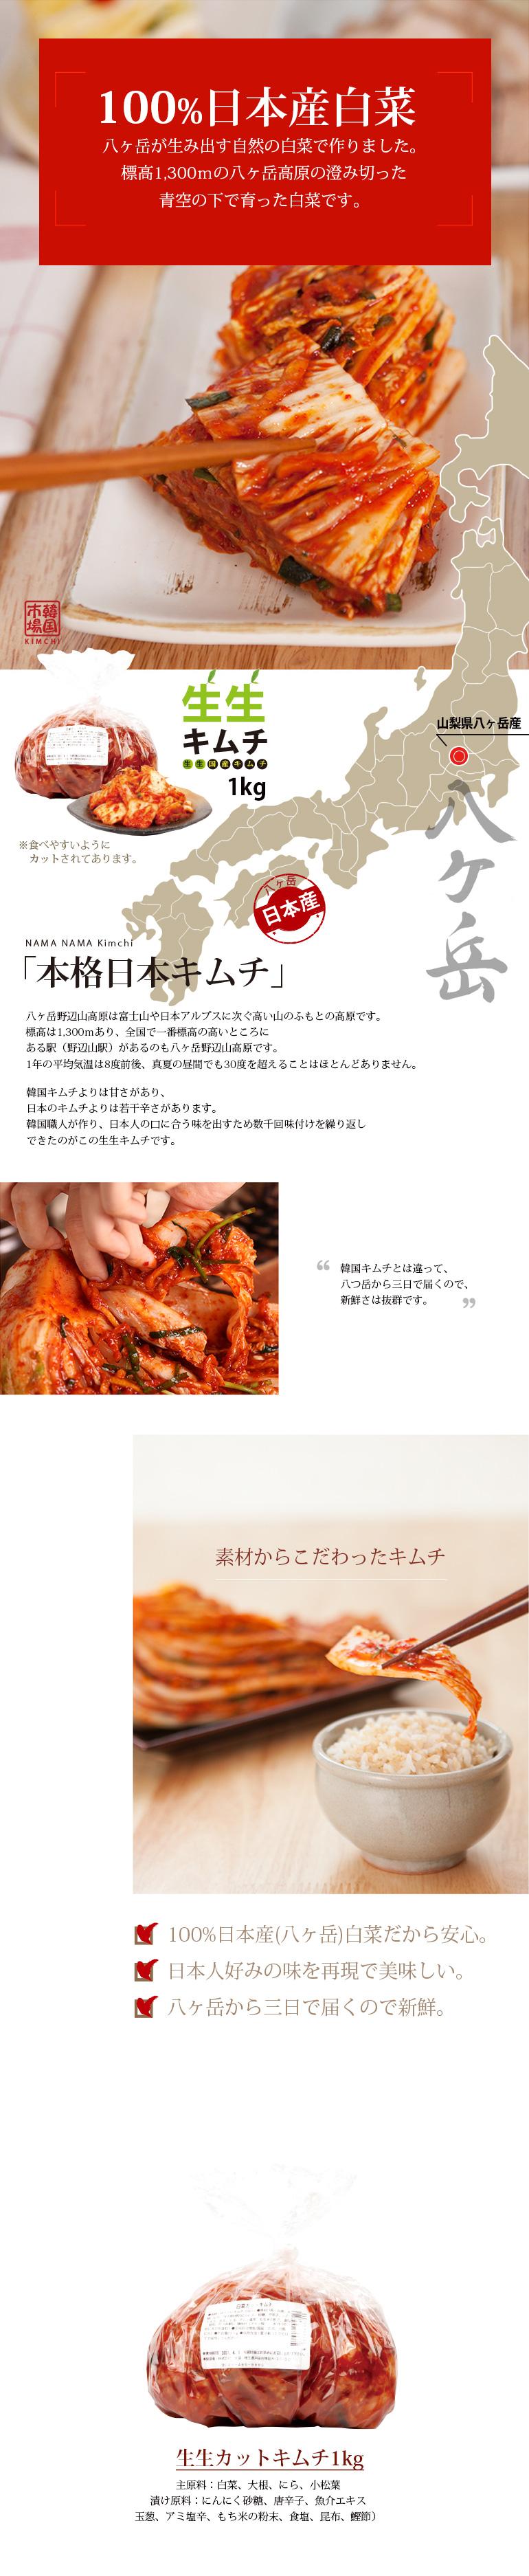 日本産キムチ,白菜キムチ,カットキムチ,キムチ